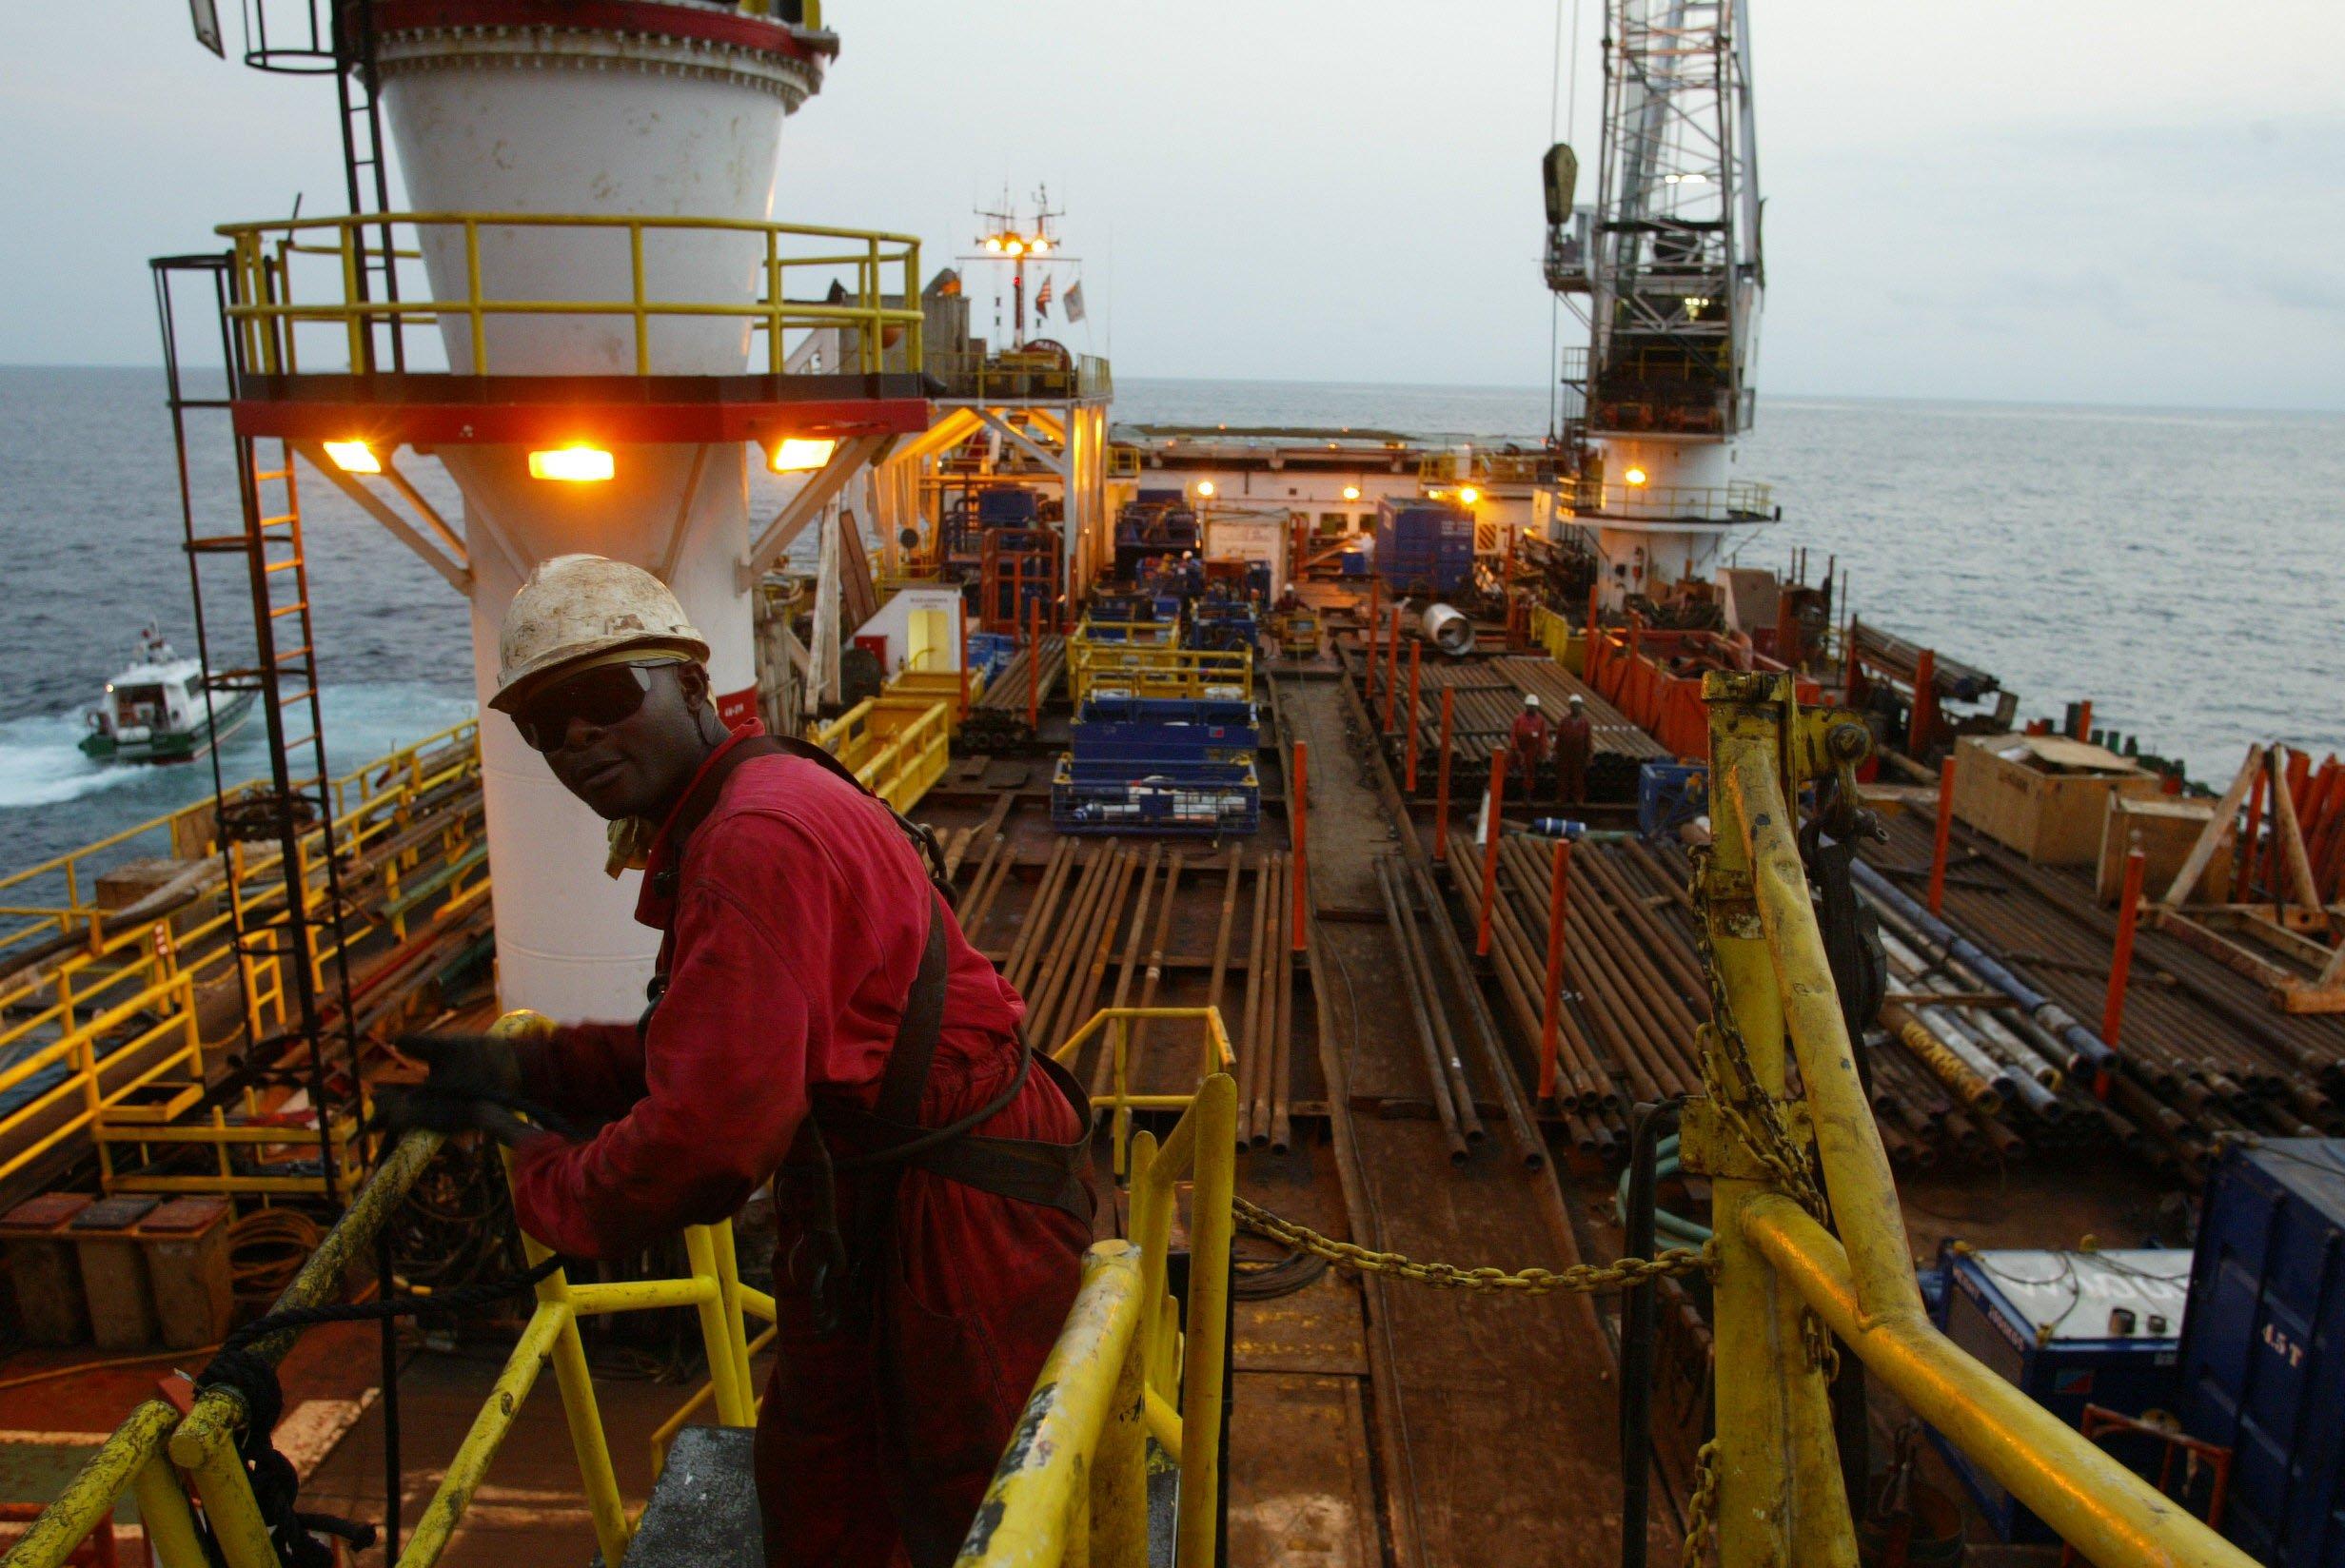 [object object] - Produc  a  o petroleo - Produção petrolífera angolana sobe para 1,47 milhões de barris por dia